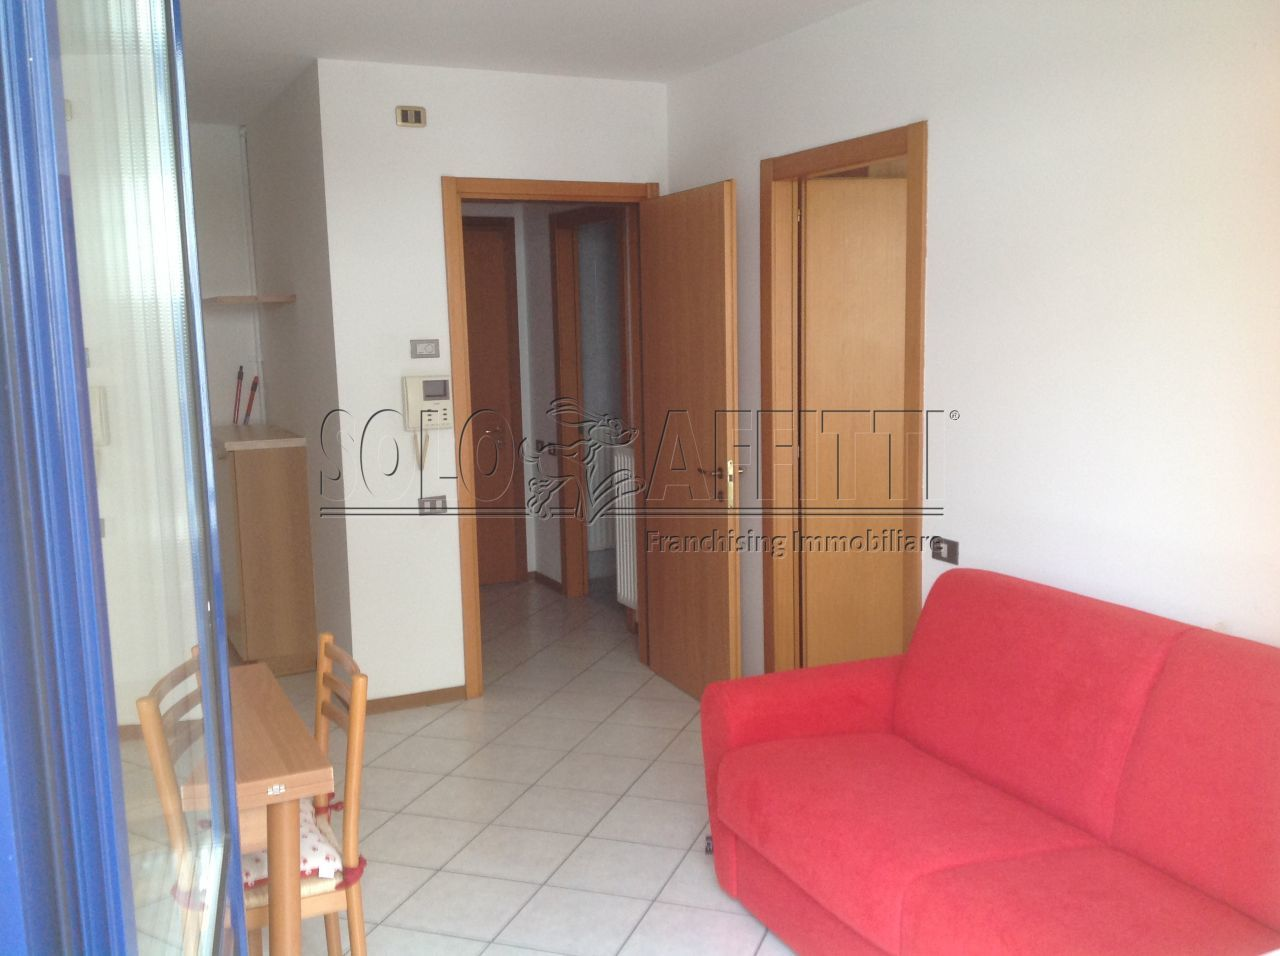 Bilocale Trento Via Guardini 24 2